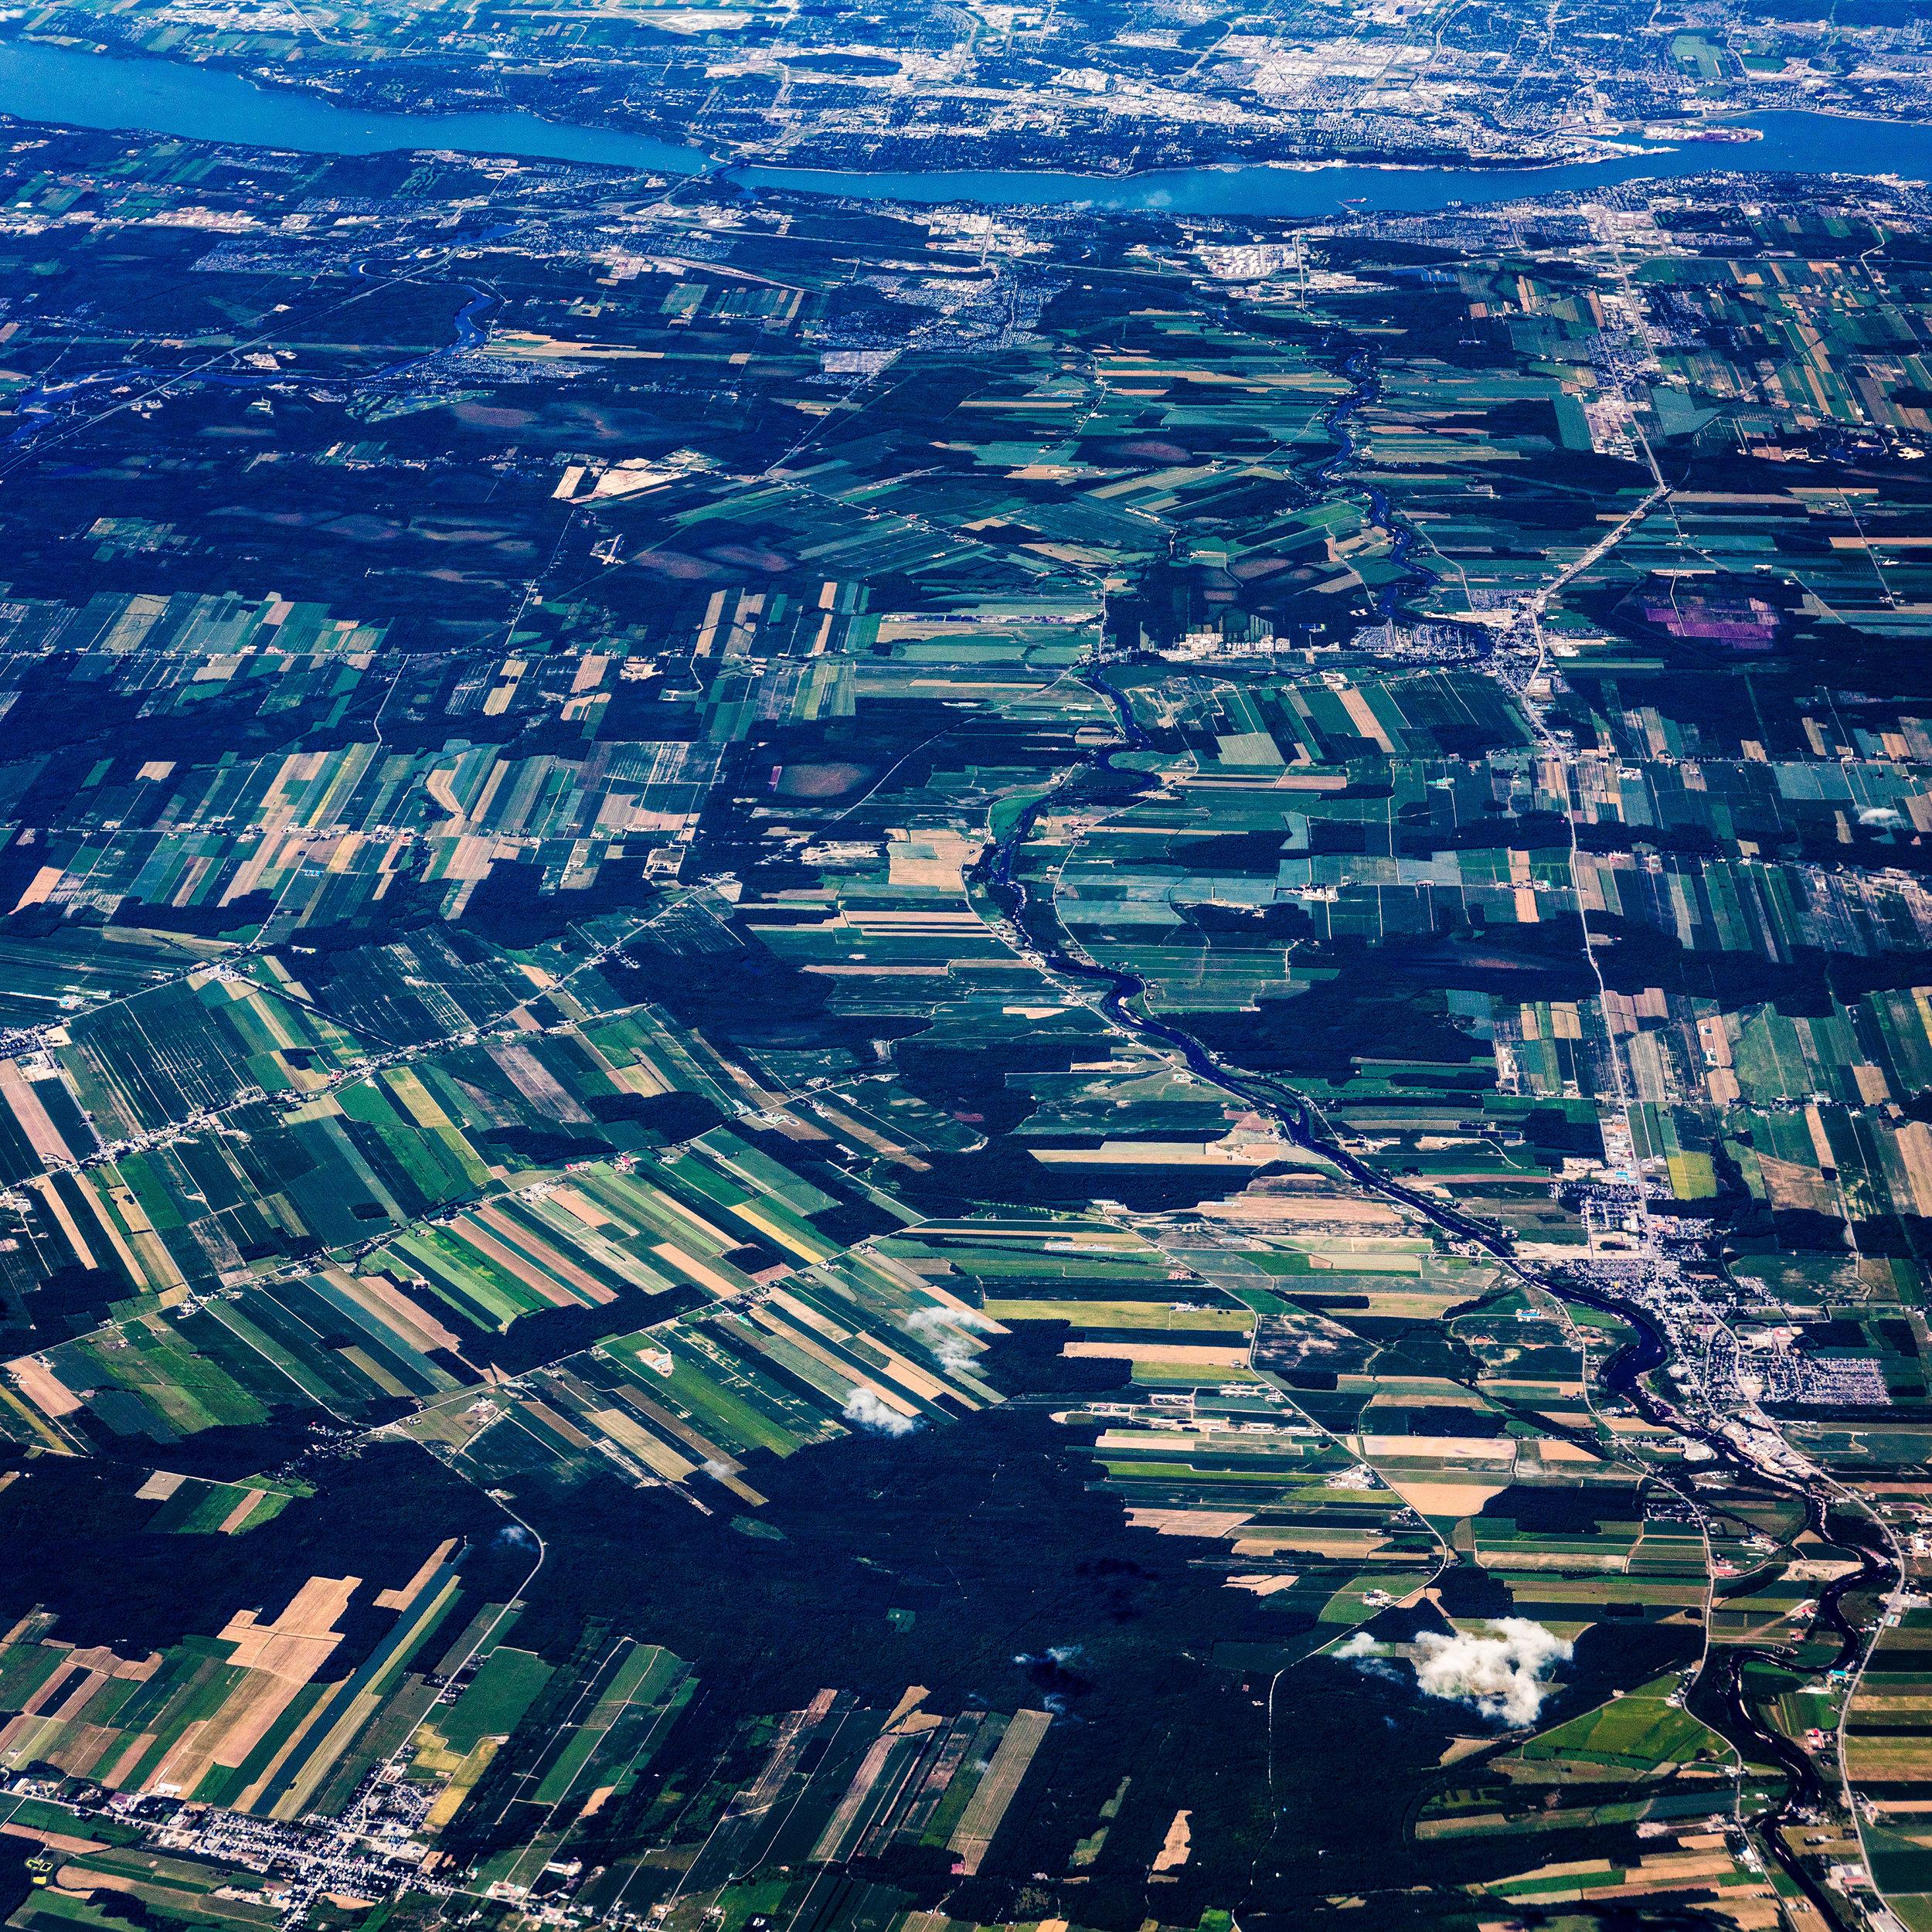 Farmland south of Quebec City, Canada